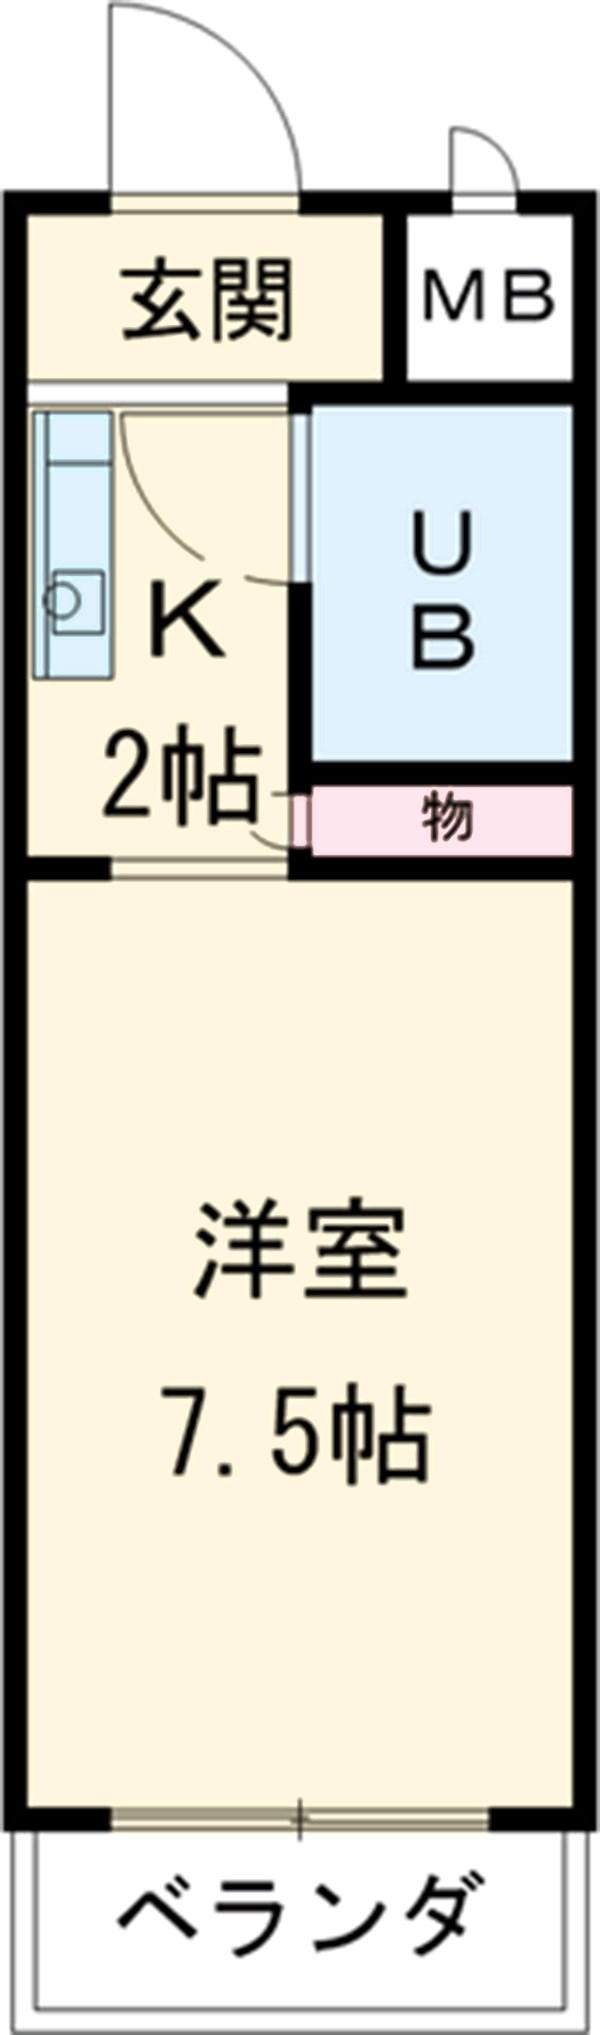 サンシャイン富士パート1 104号室の間取り